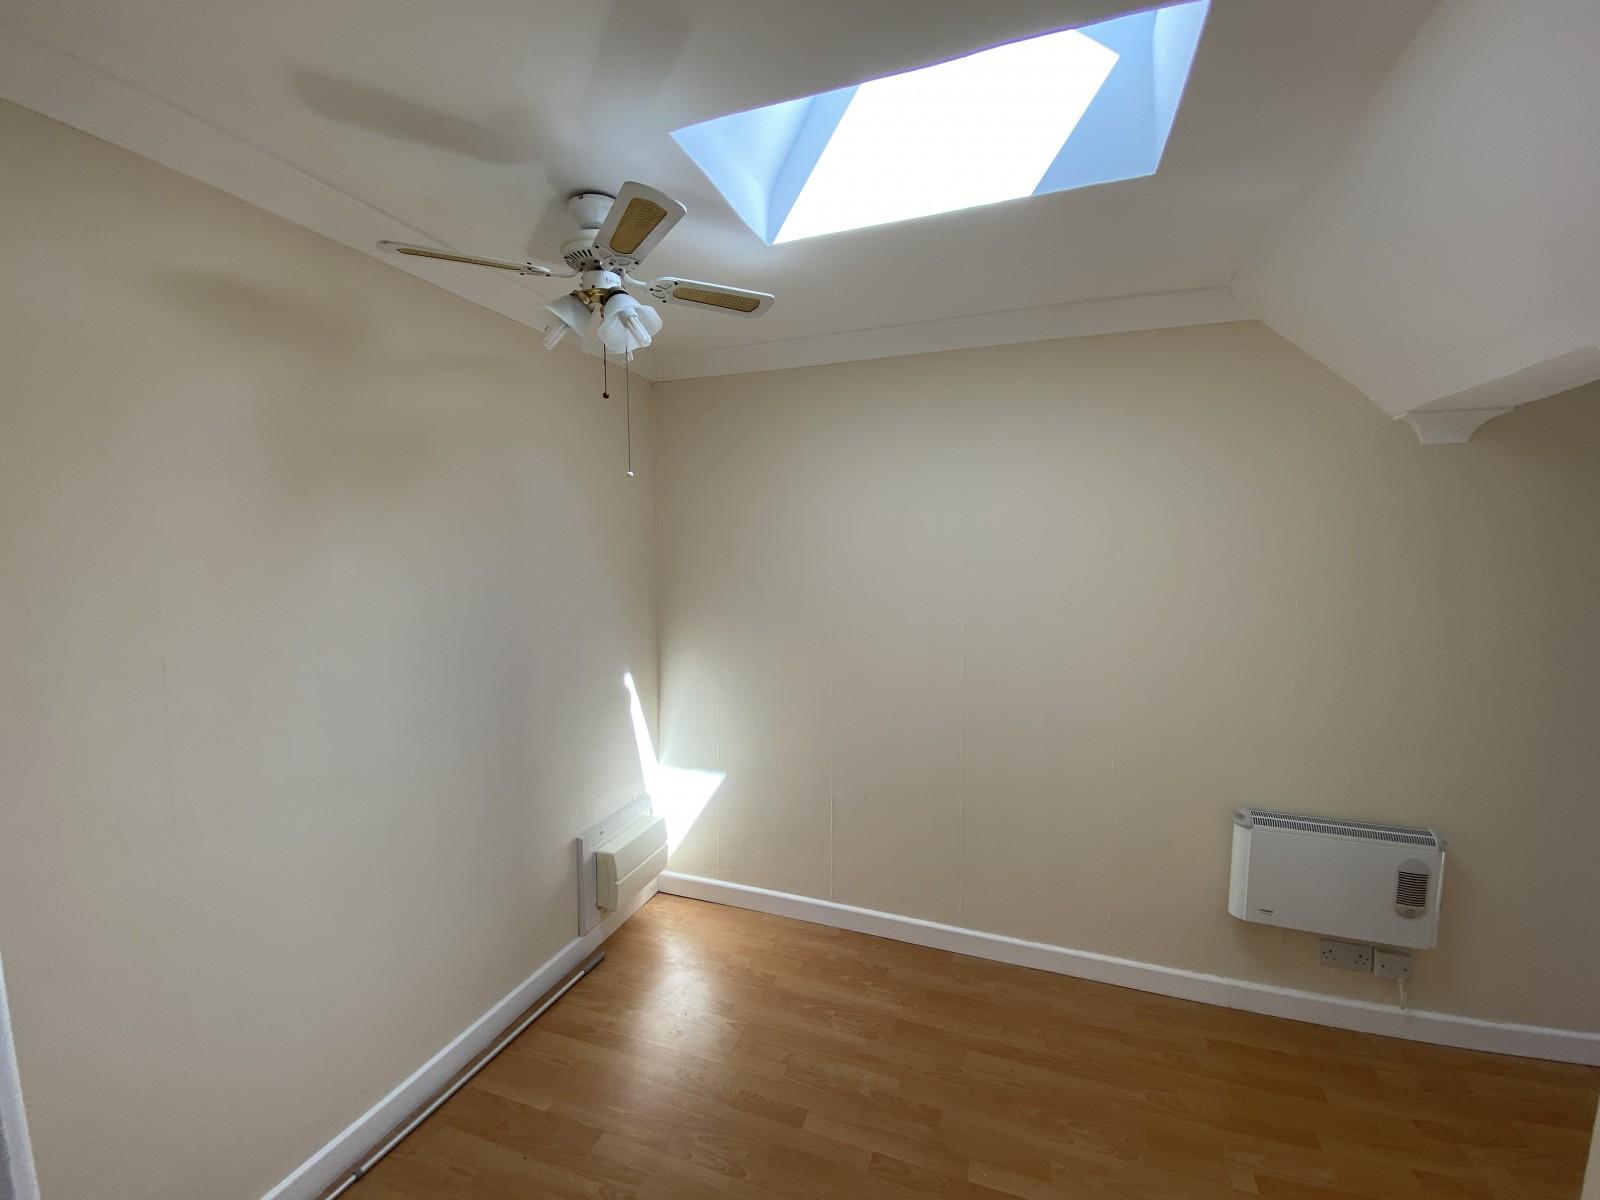 Bedroom Flat to rent in Bognor Regis